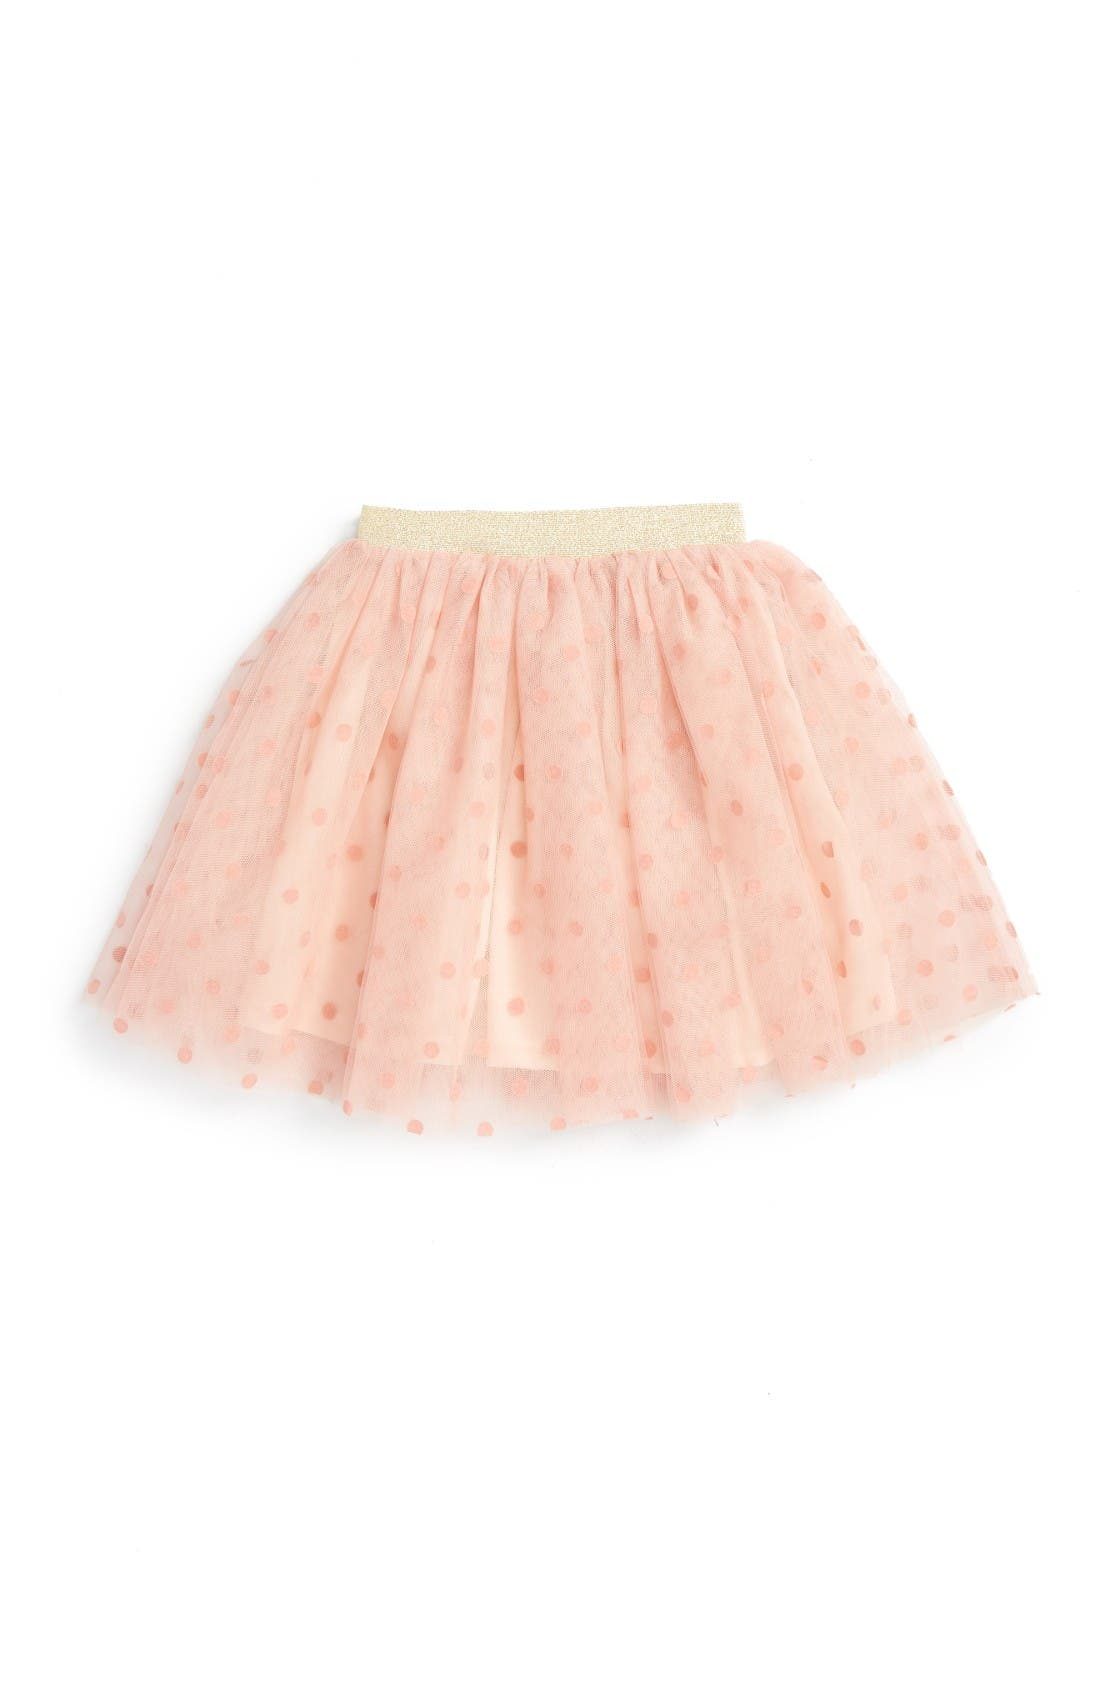 Main Image - Truly Me Polka Dot Tutu Skirt (Toddler Girls & Little Girls)